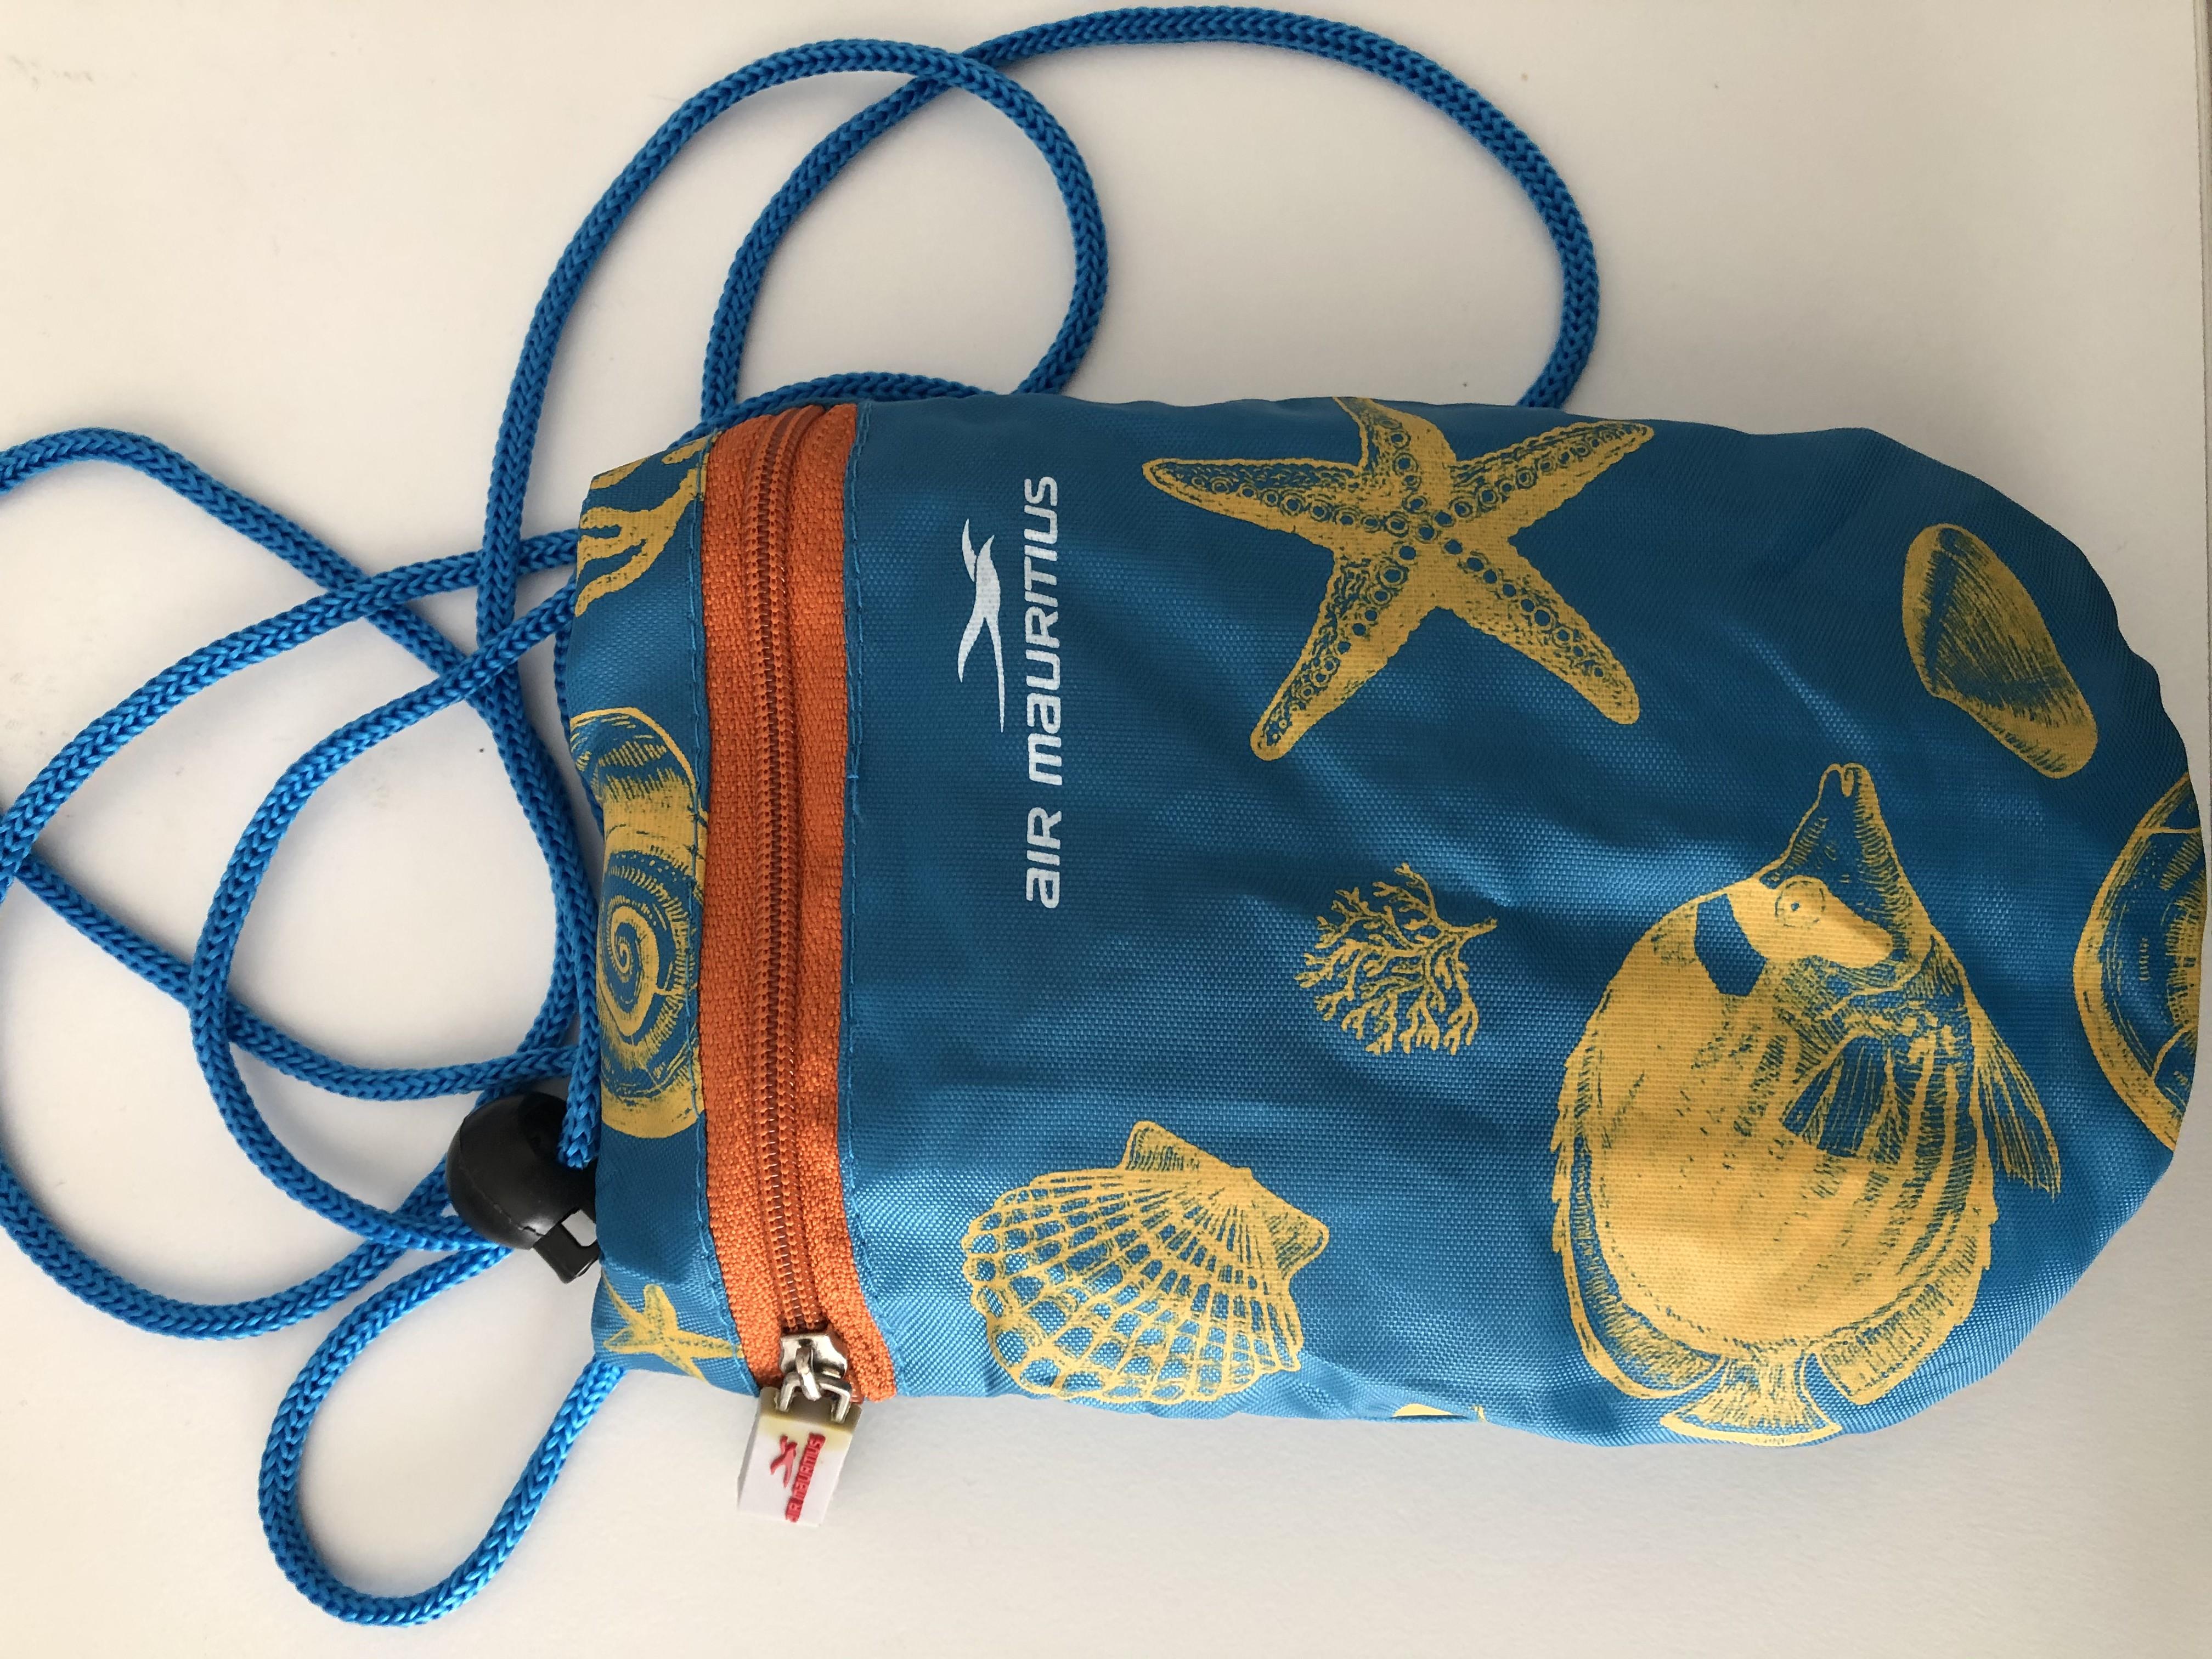 Reisetasche von Air Mauritius tauschen